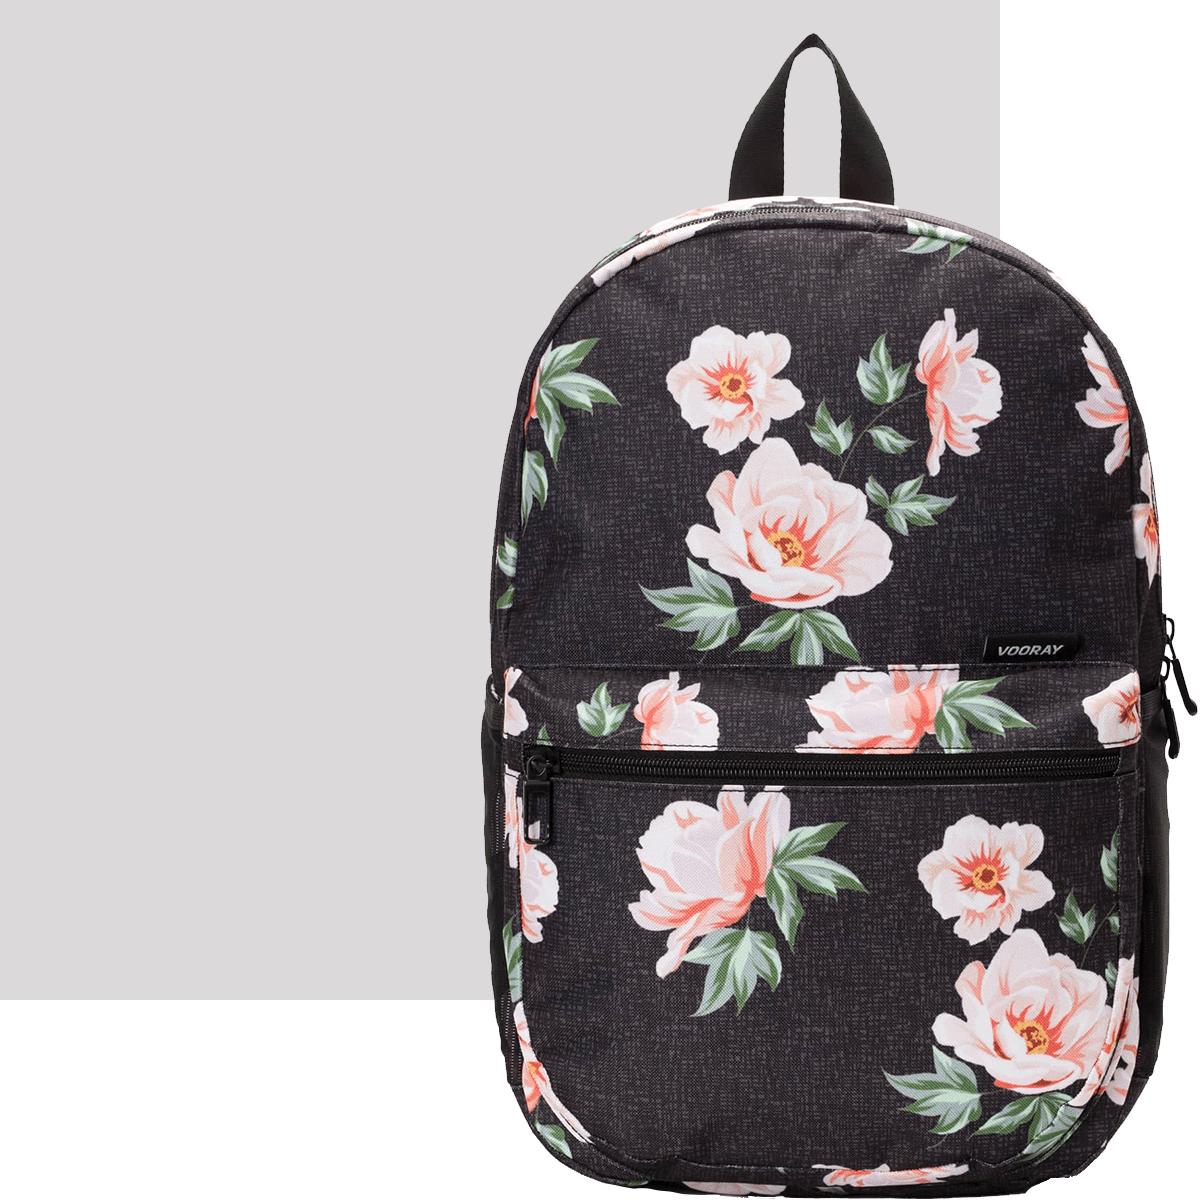 Garden party bag